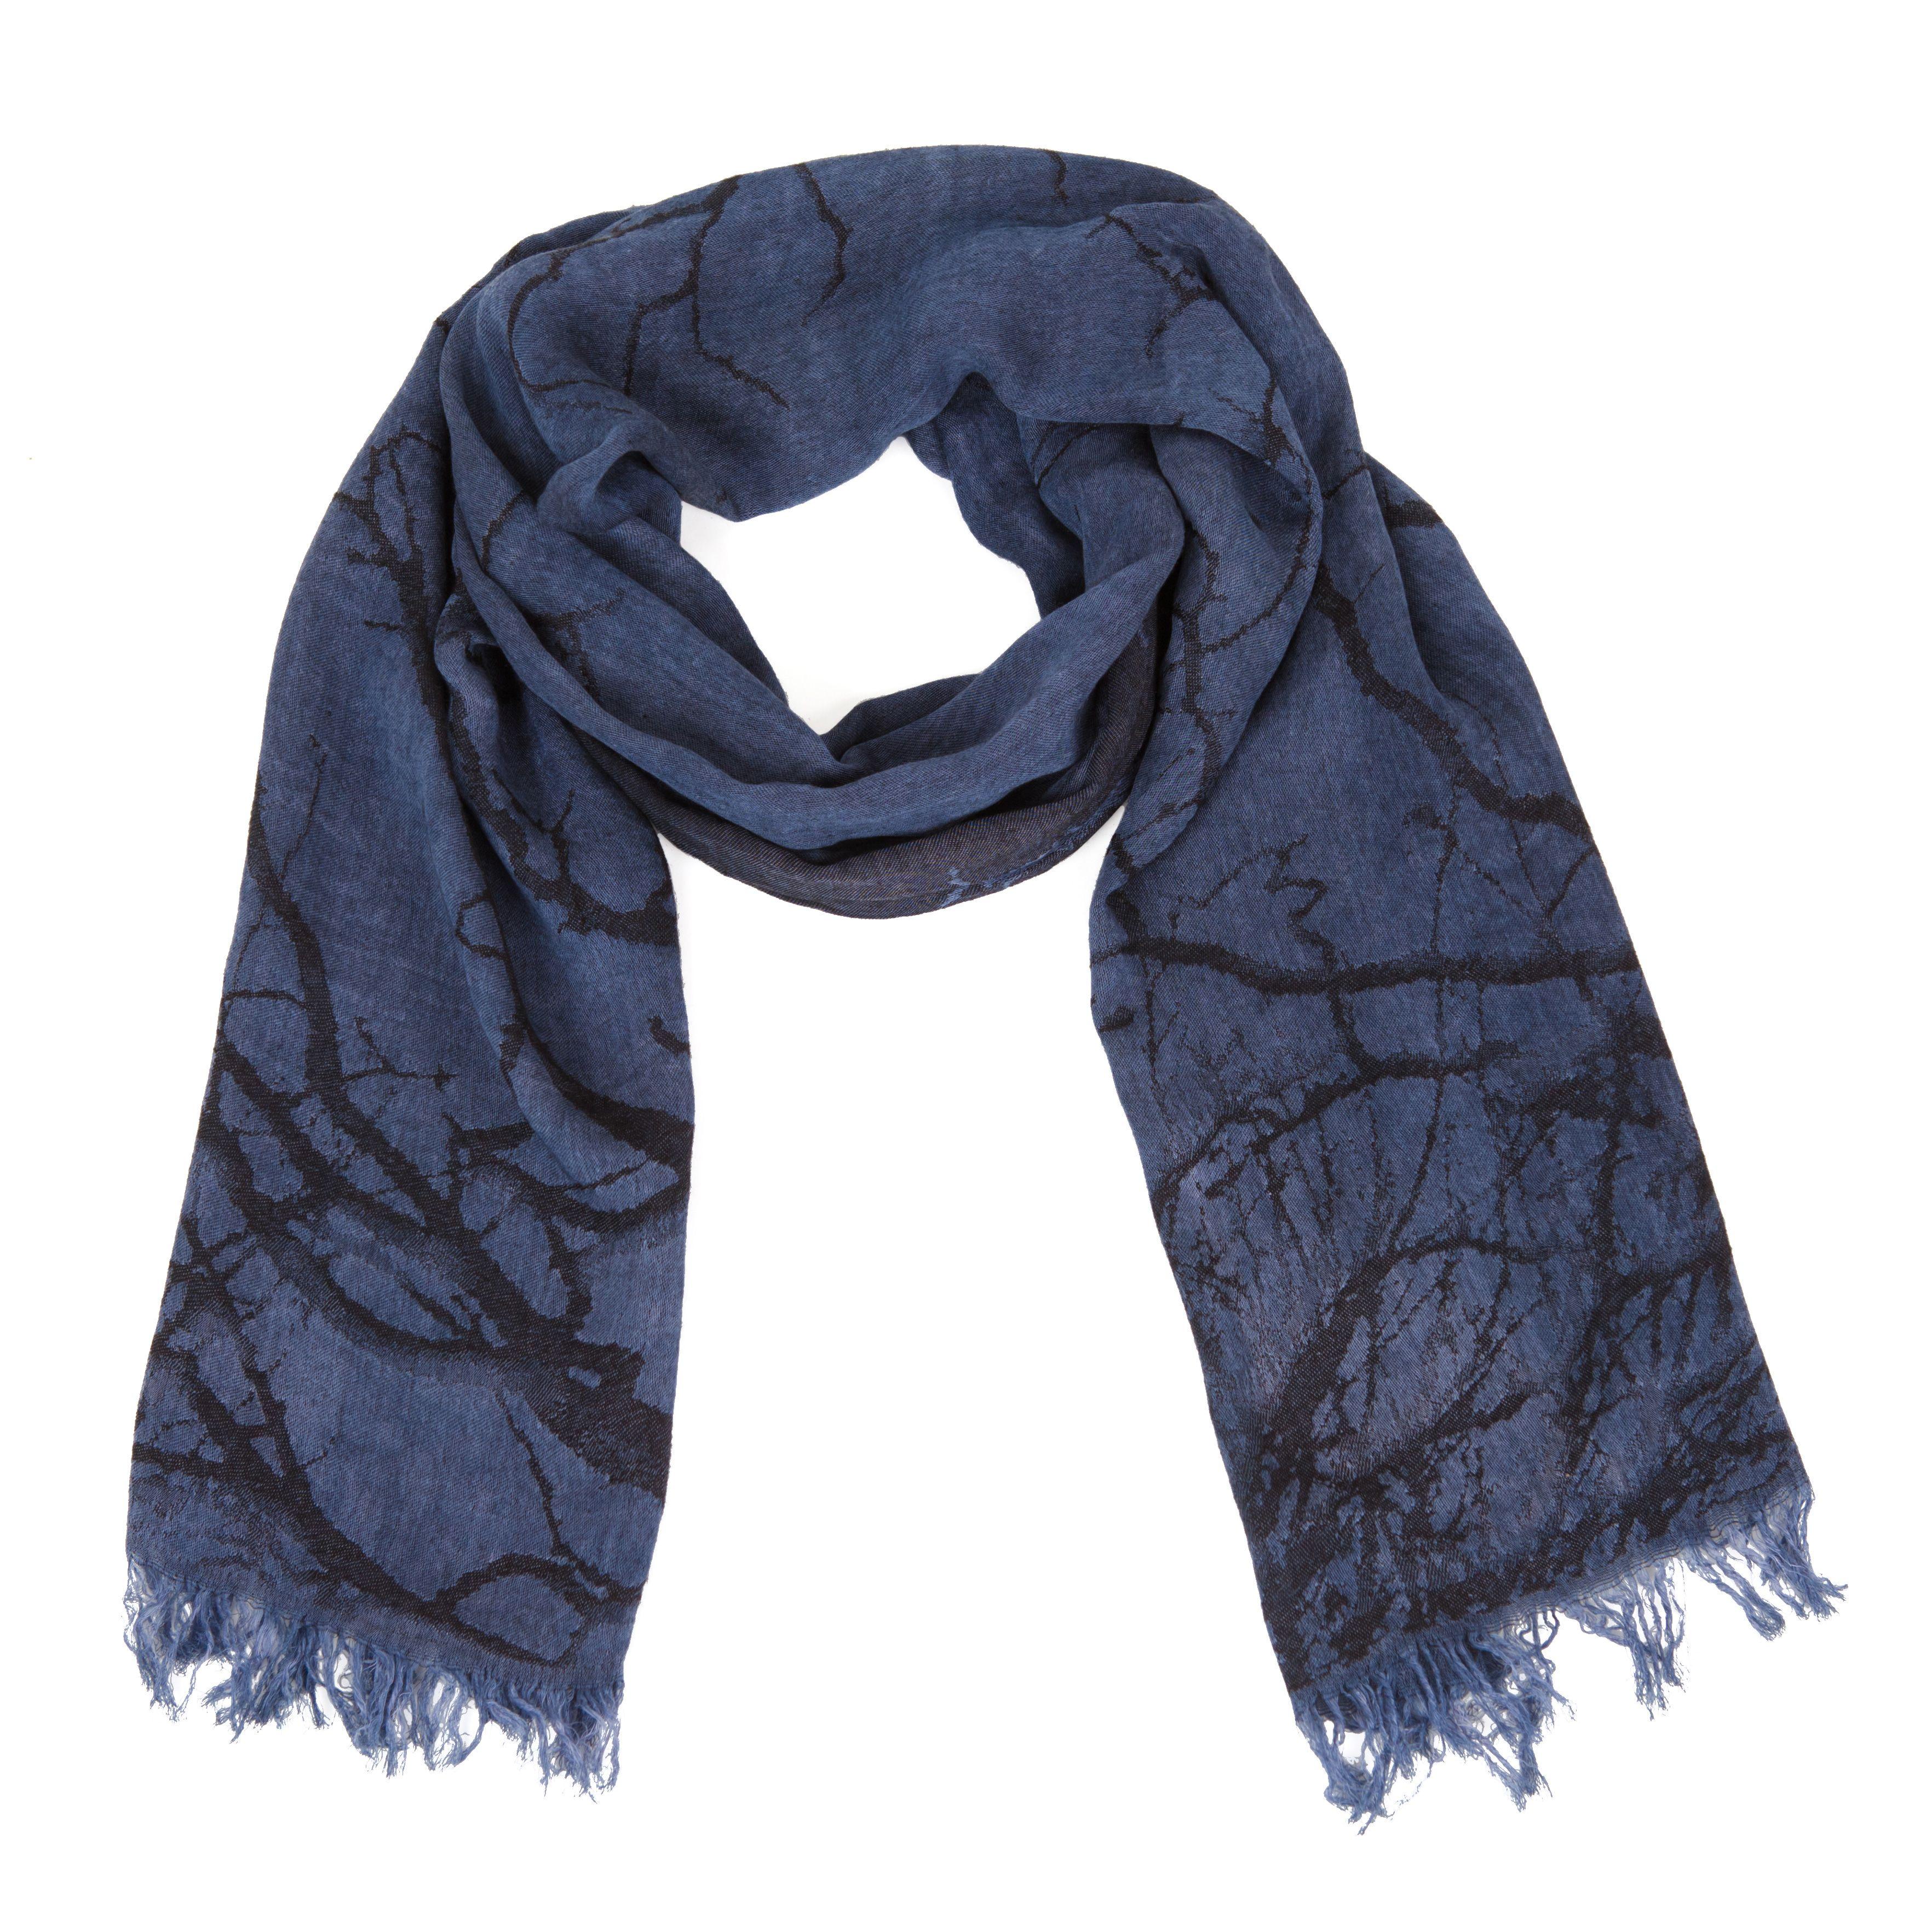 Шарф Jack Bag темно-синего цвета с черным абстрактным принтом